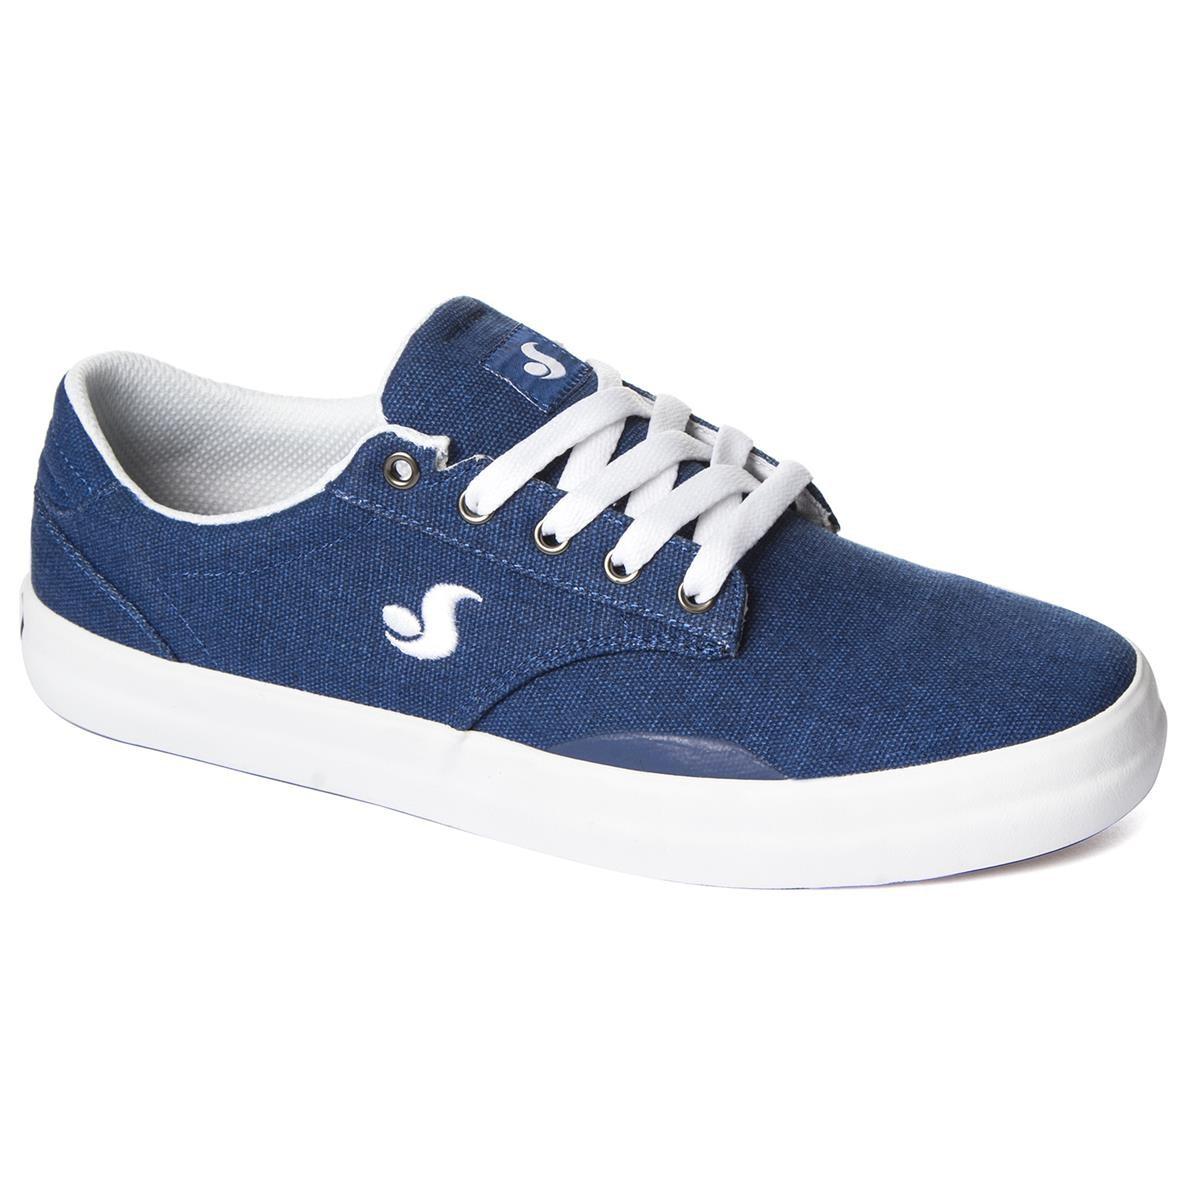 DVS Schuhe Daewon 14 Blau Canvas